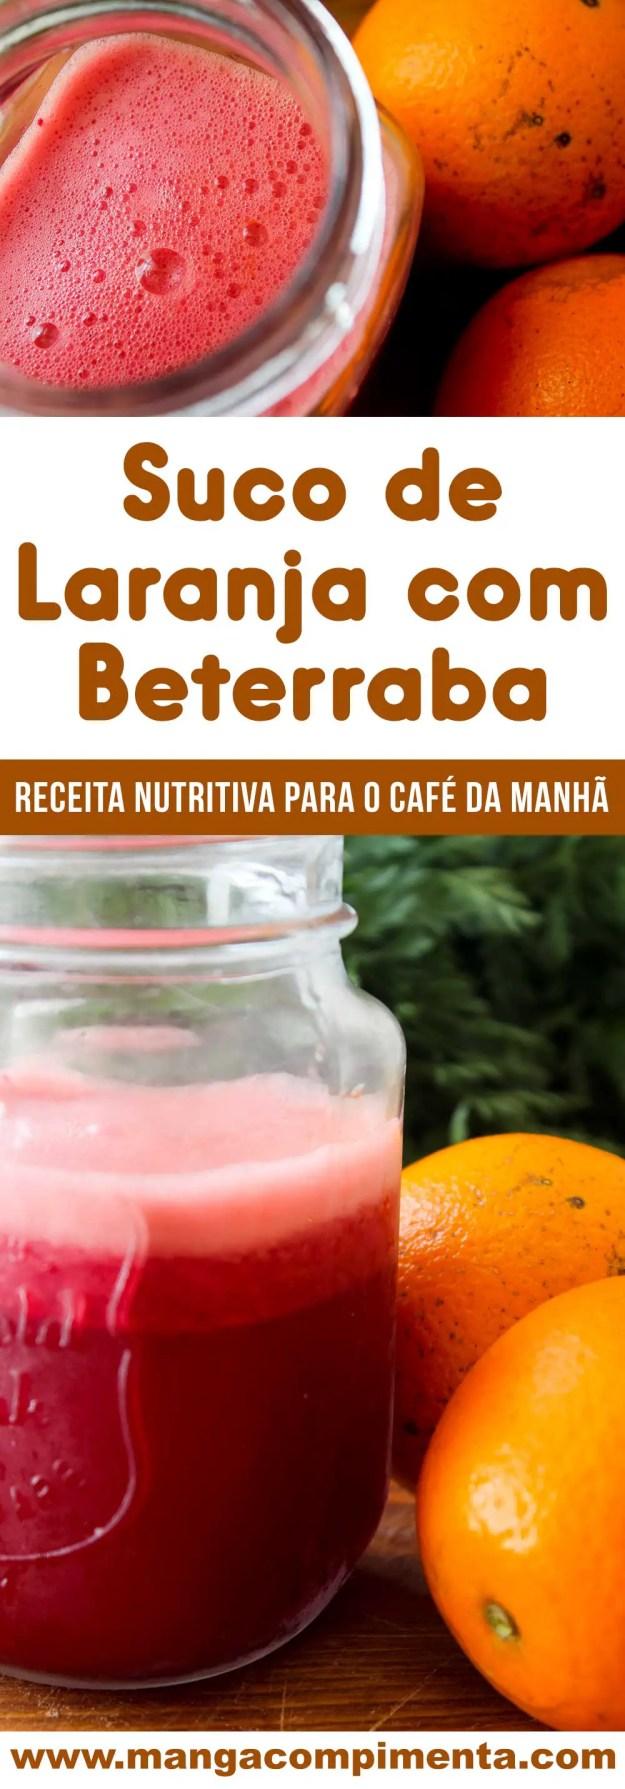 Receita de Suco de Laranja com Beterraba - um suco nutritivo para começar bem o dia!